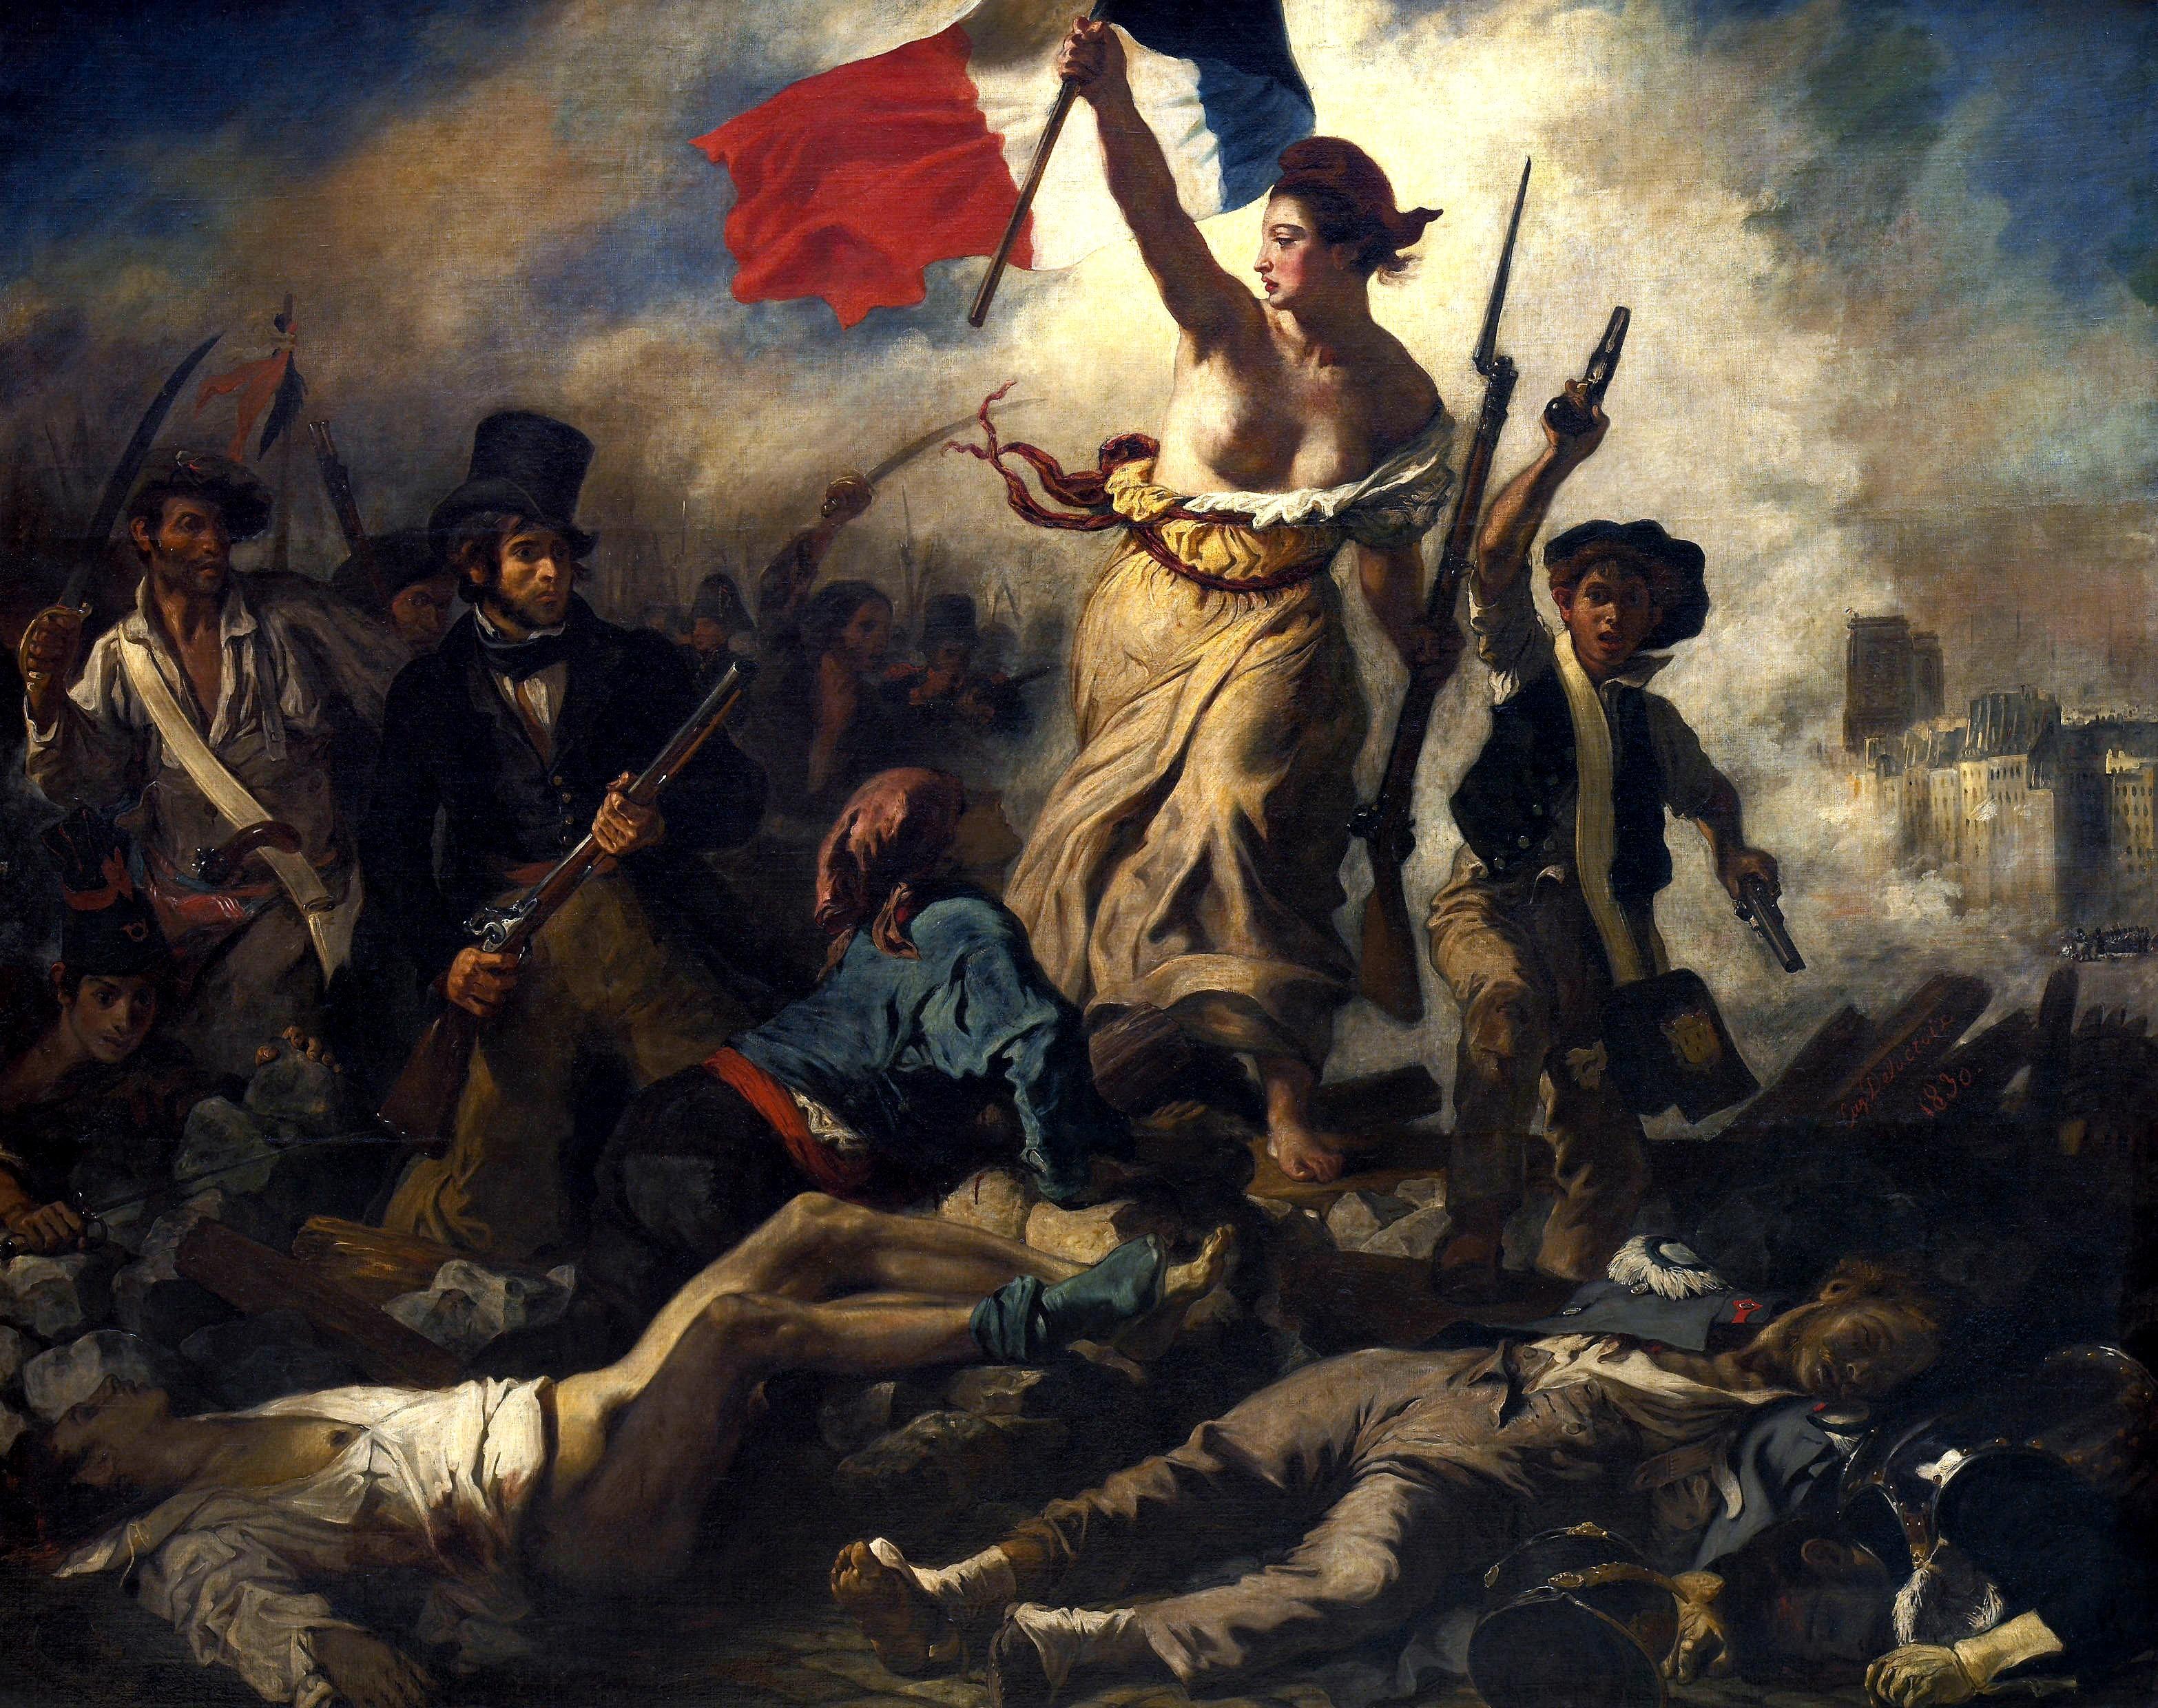 La Libertad Guiando al Pueblo Eugène Delacroix